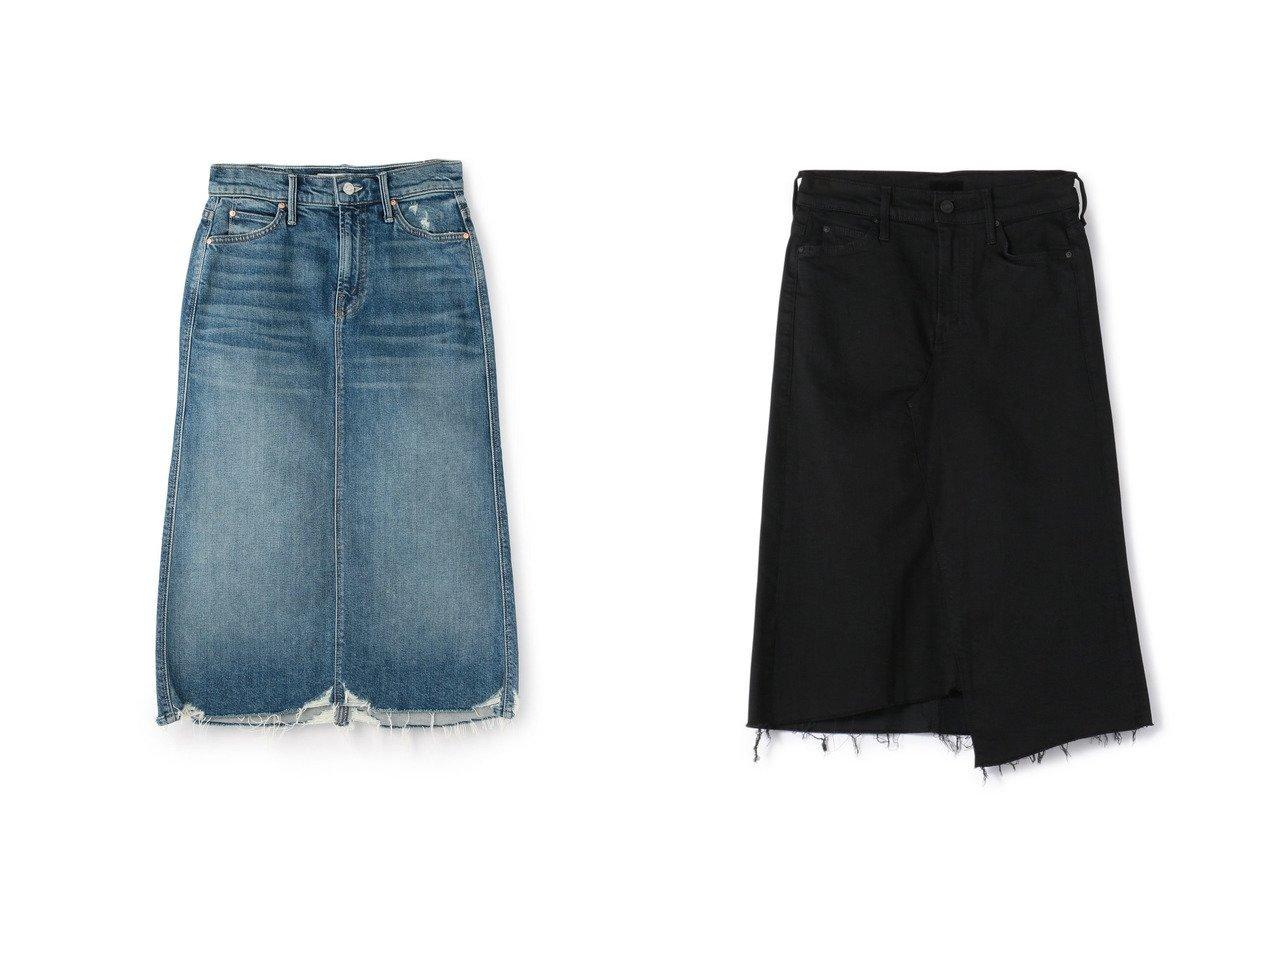 【MOTHER DENIM/マザーデニム】のMOTHERデニムスカート&MOTHERタイトデニムスカート おすすめ!人気トレンドファッションの通販 おすすめで人気のファッション通販商品 インテリア・家具・キッズファッション・メンズファッション・レディースファッション・服の通販 founy(ファニー) https://founy.com/ ファッション Fashion レディース WOMEN スカート Skirt デニムスカート Denim Skirts ジーンズ ストレート デニム トレンド ベーシック 人気 |ID:crp329100000005976